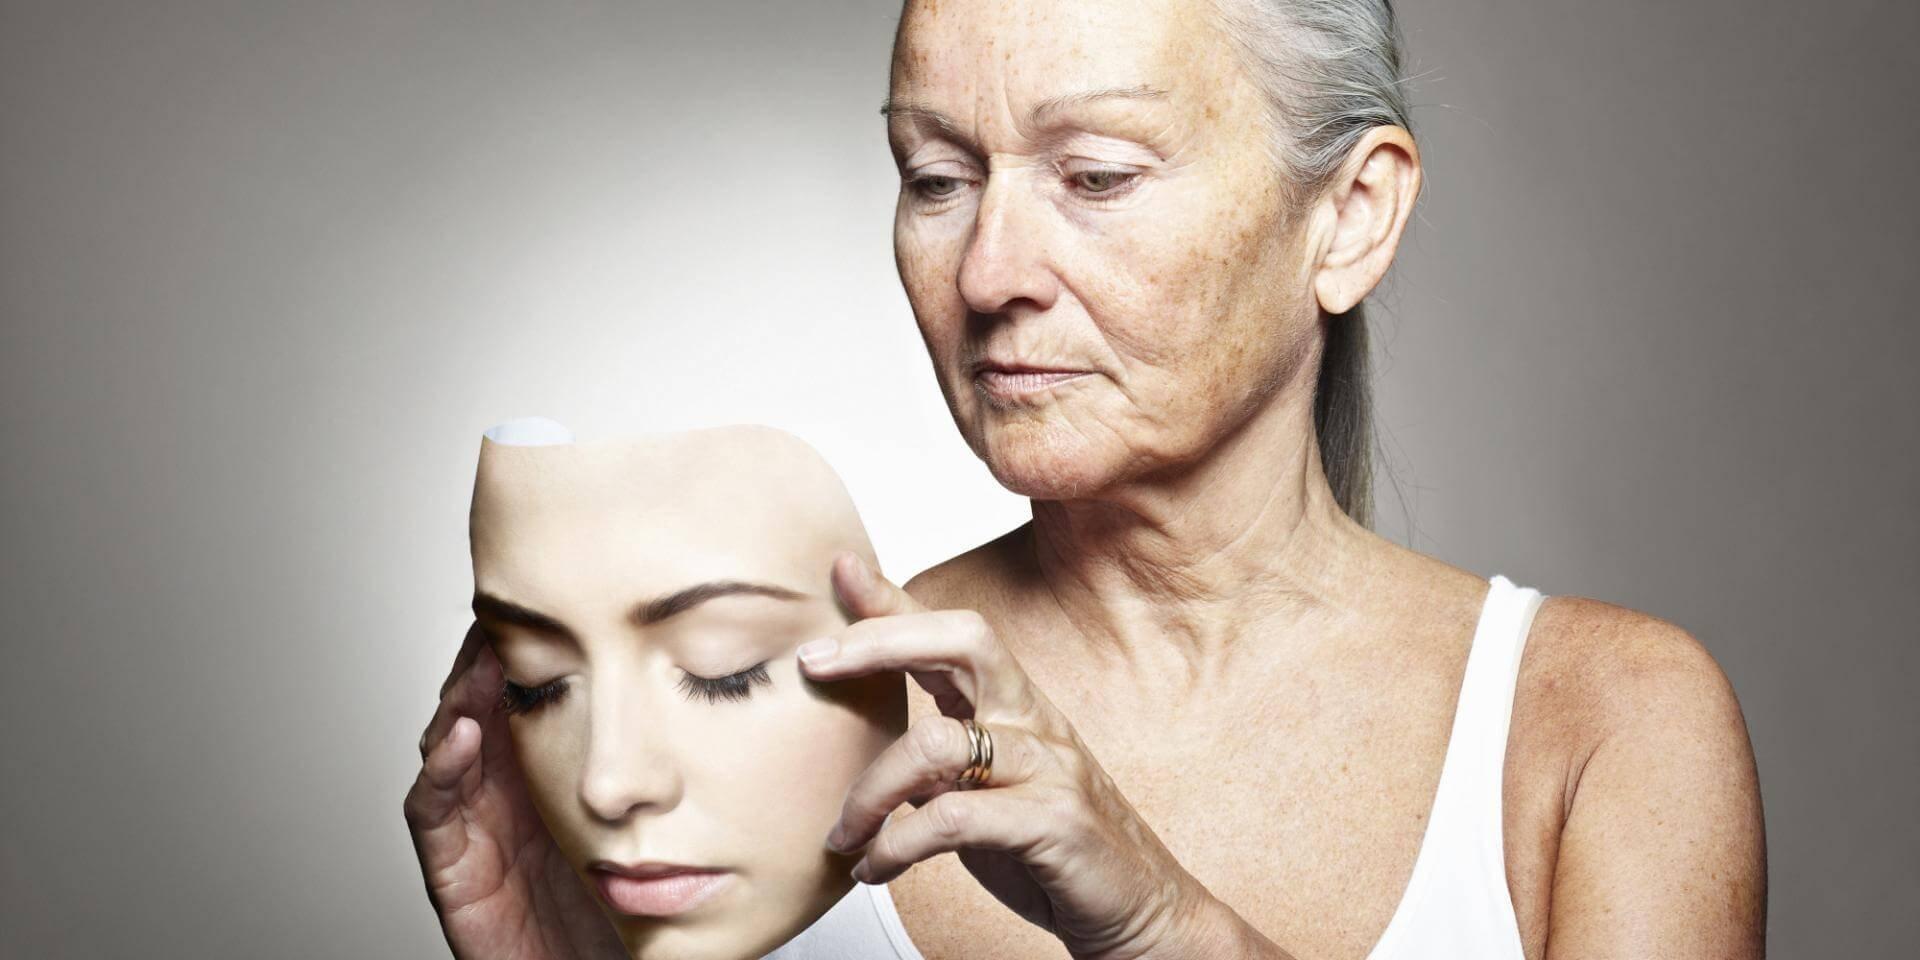 Медики выяснили как замедлить старение кожи